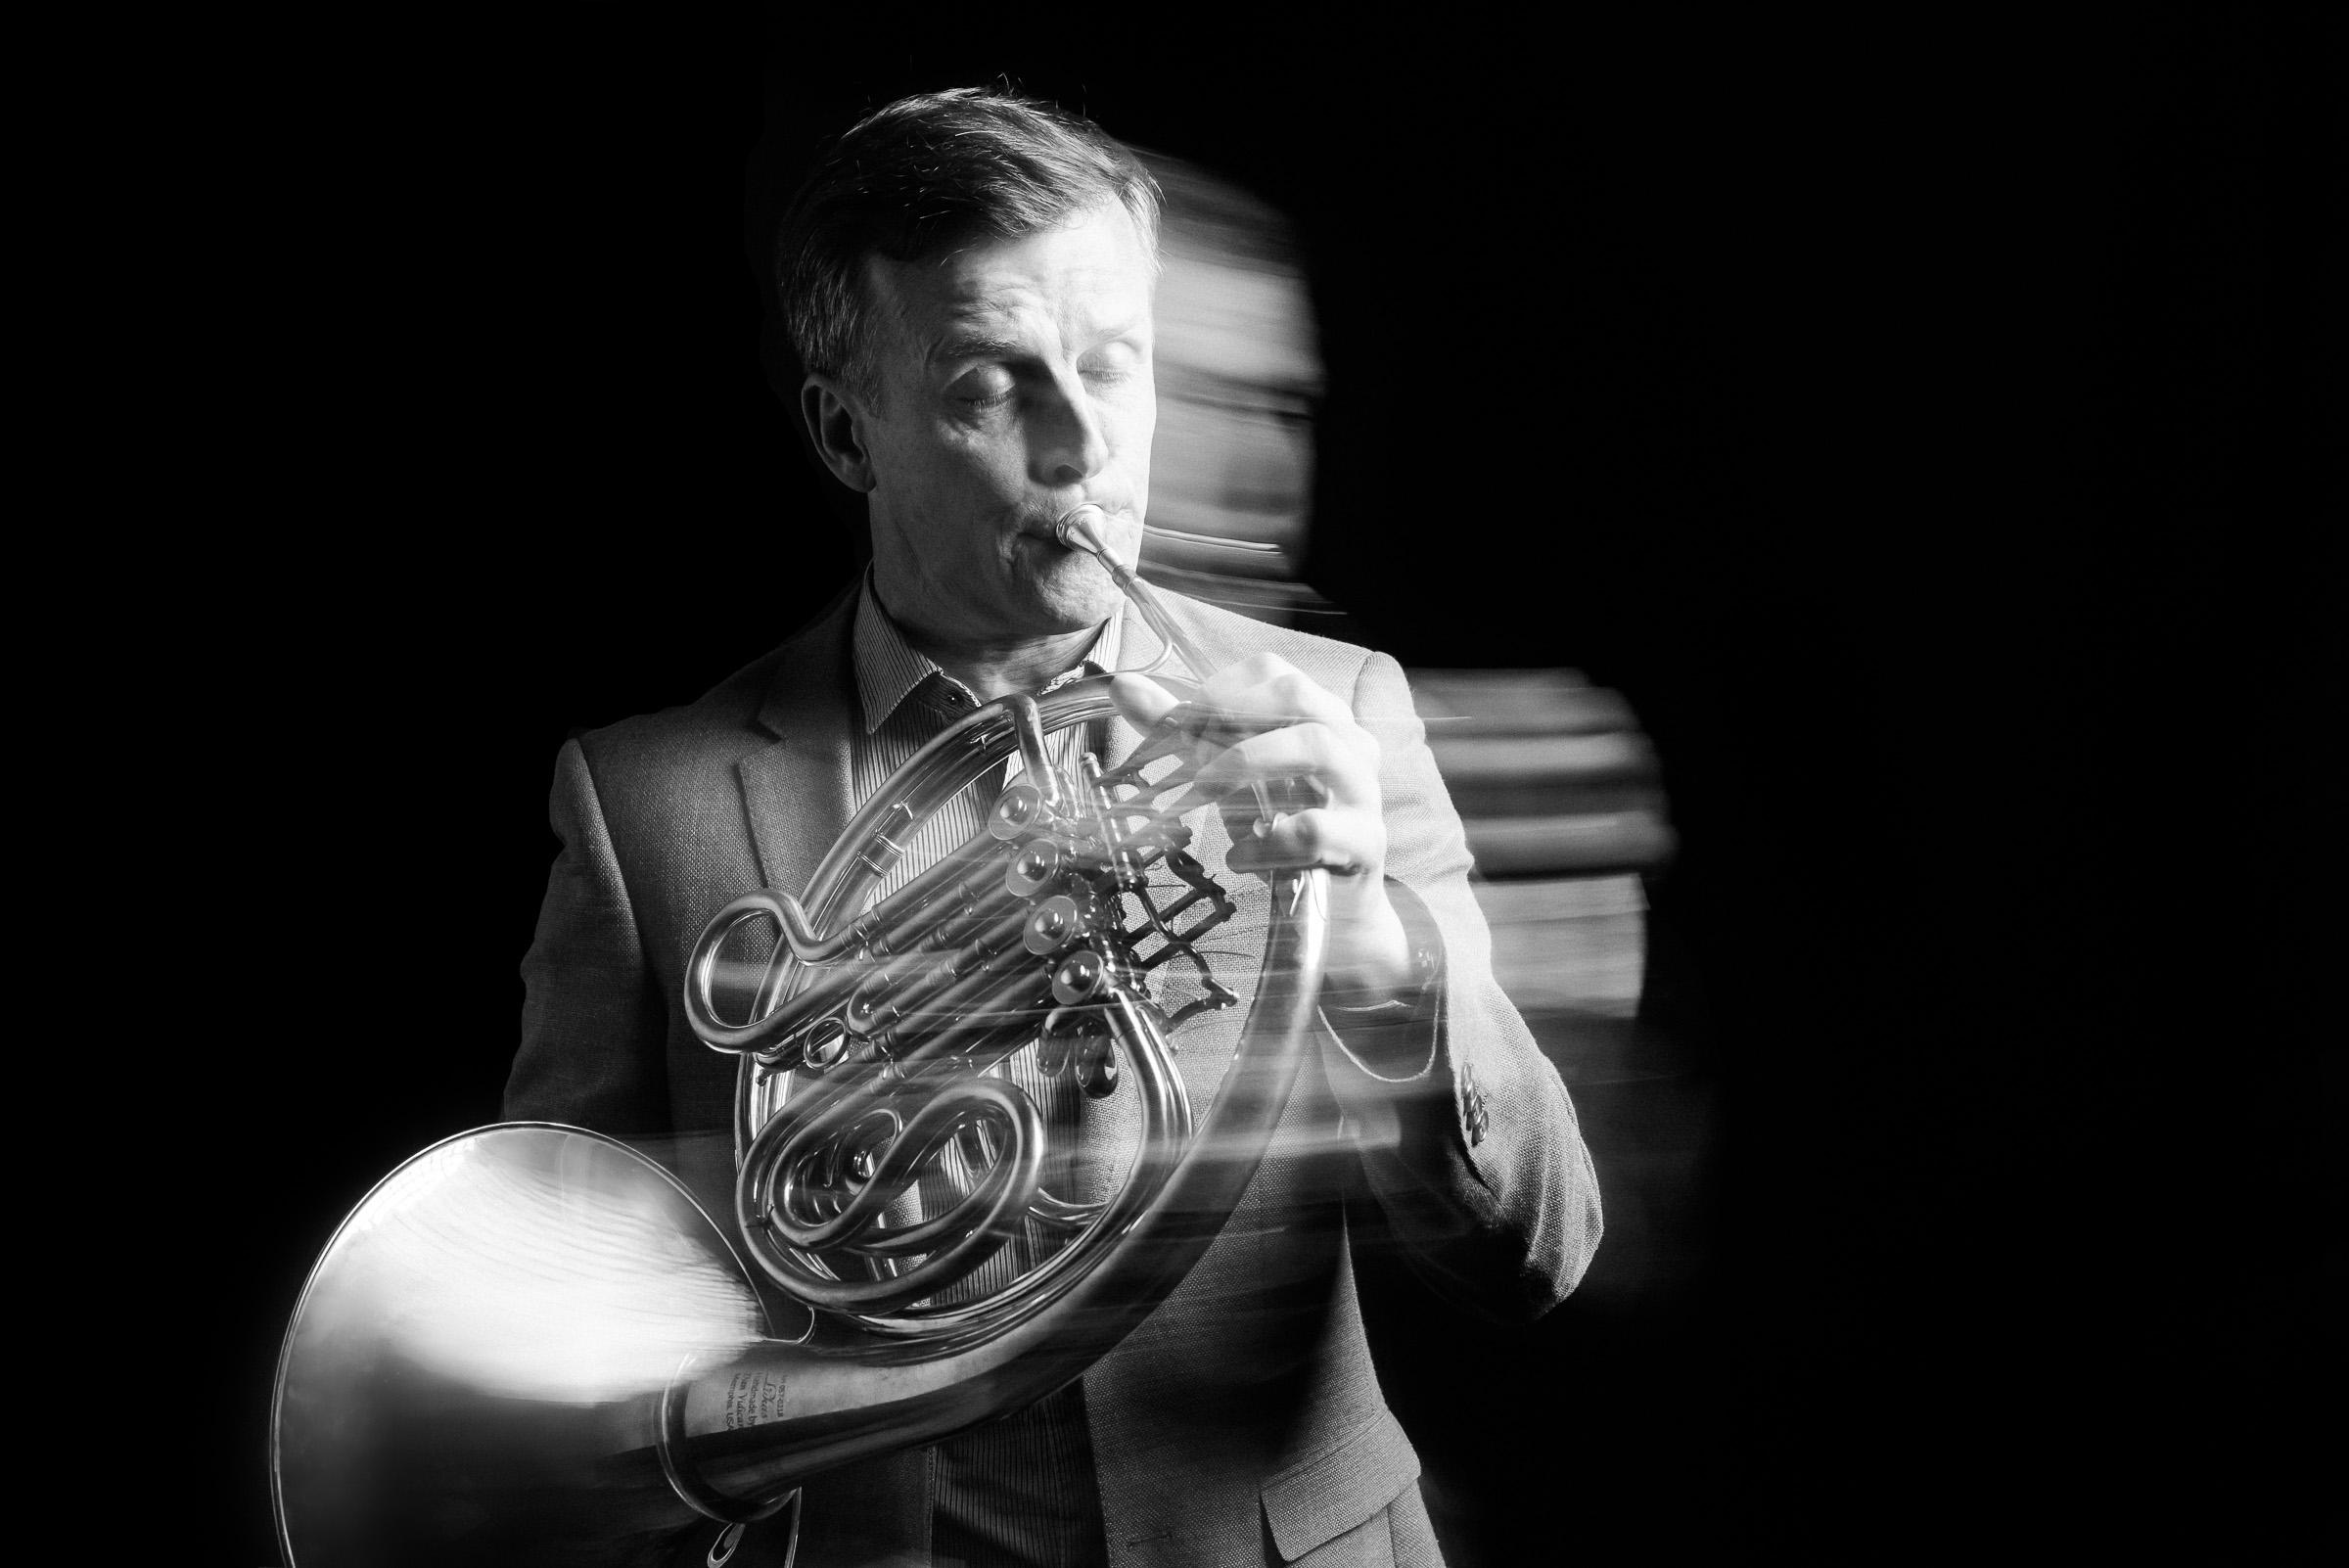 saul_lewis_portrait_melbourne_symphony_orchestra_Brandon_Patoc_0001.jpg